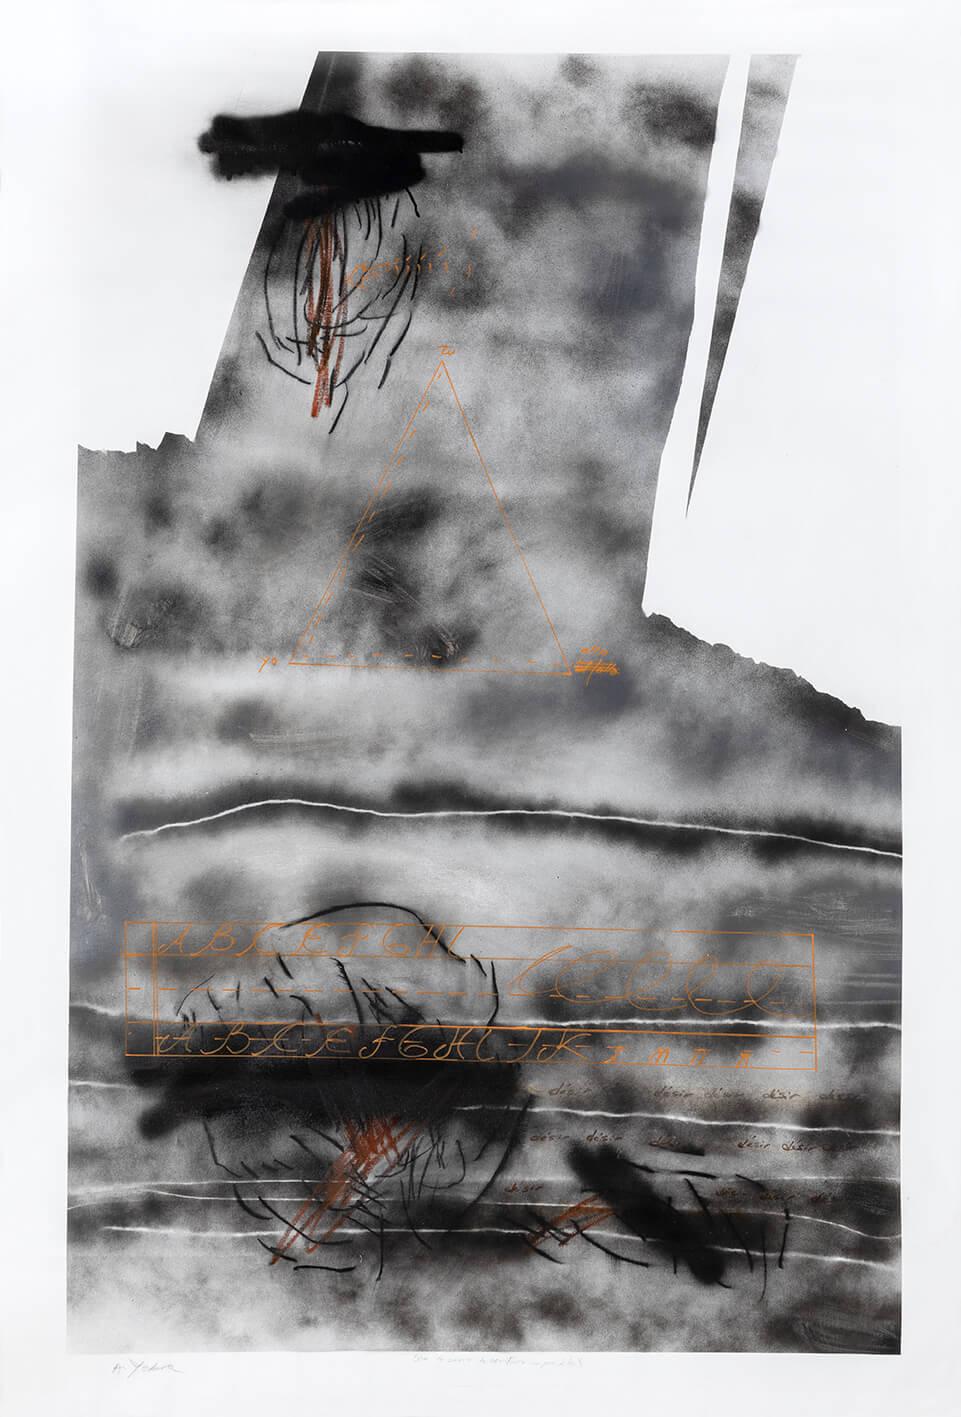 S/T acrílico, aerosol, carbón, pastel y tinta de color sobre tela, 160 x 210 cm, 2020